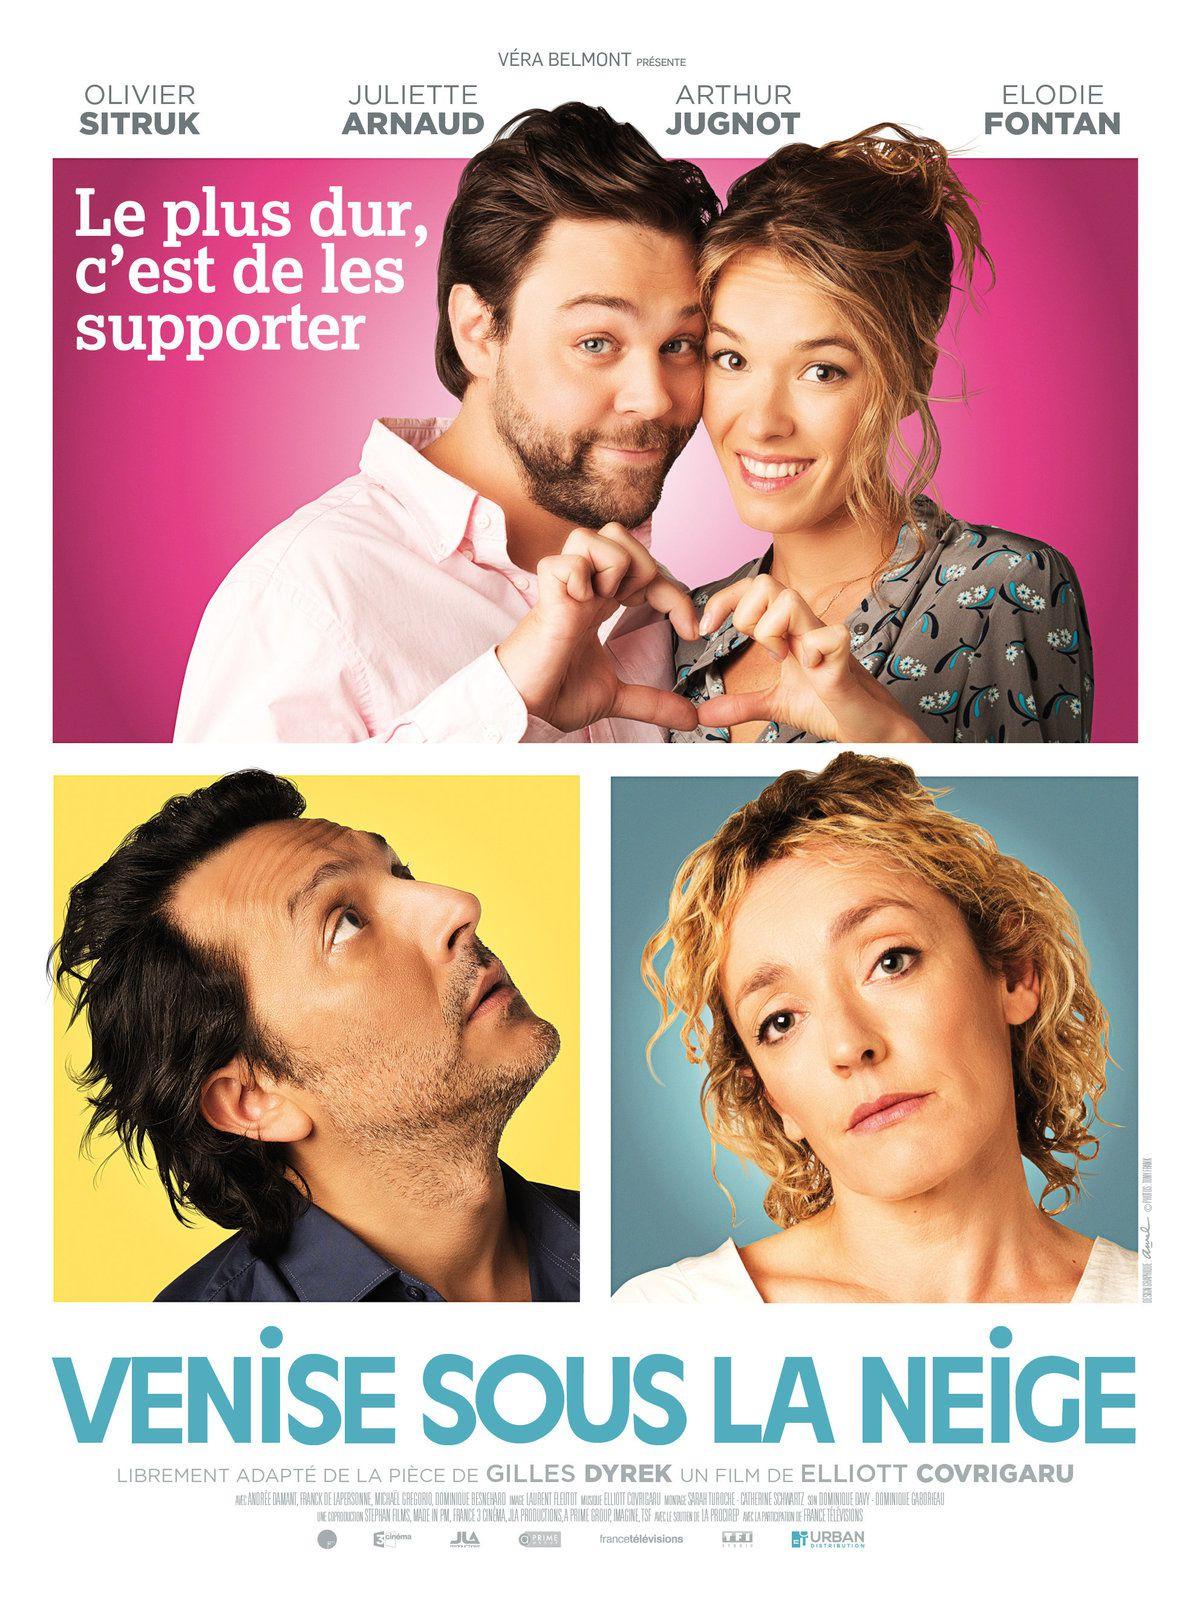 En salles ce mercredi : la comédie Venise sous la neige, avec Juliette Arnaud.